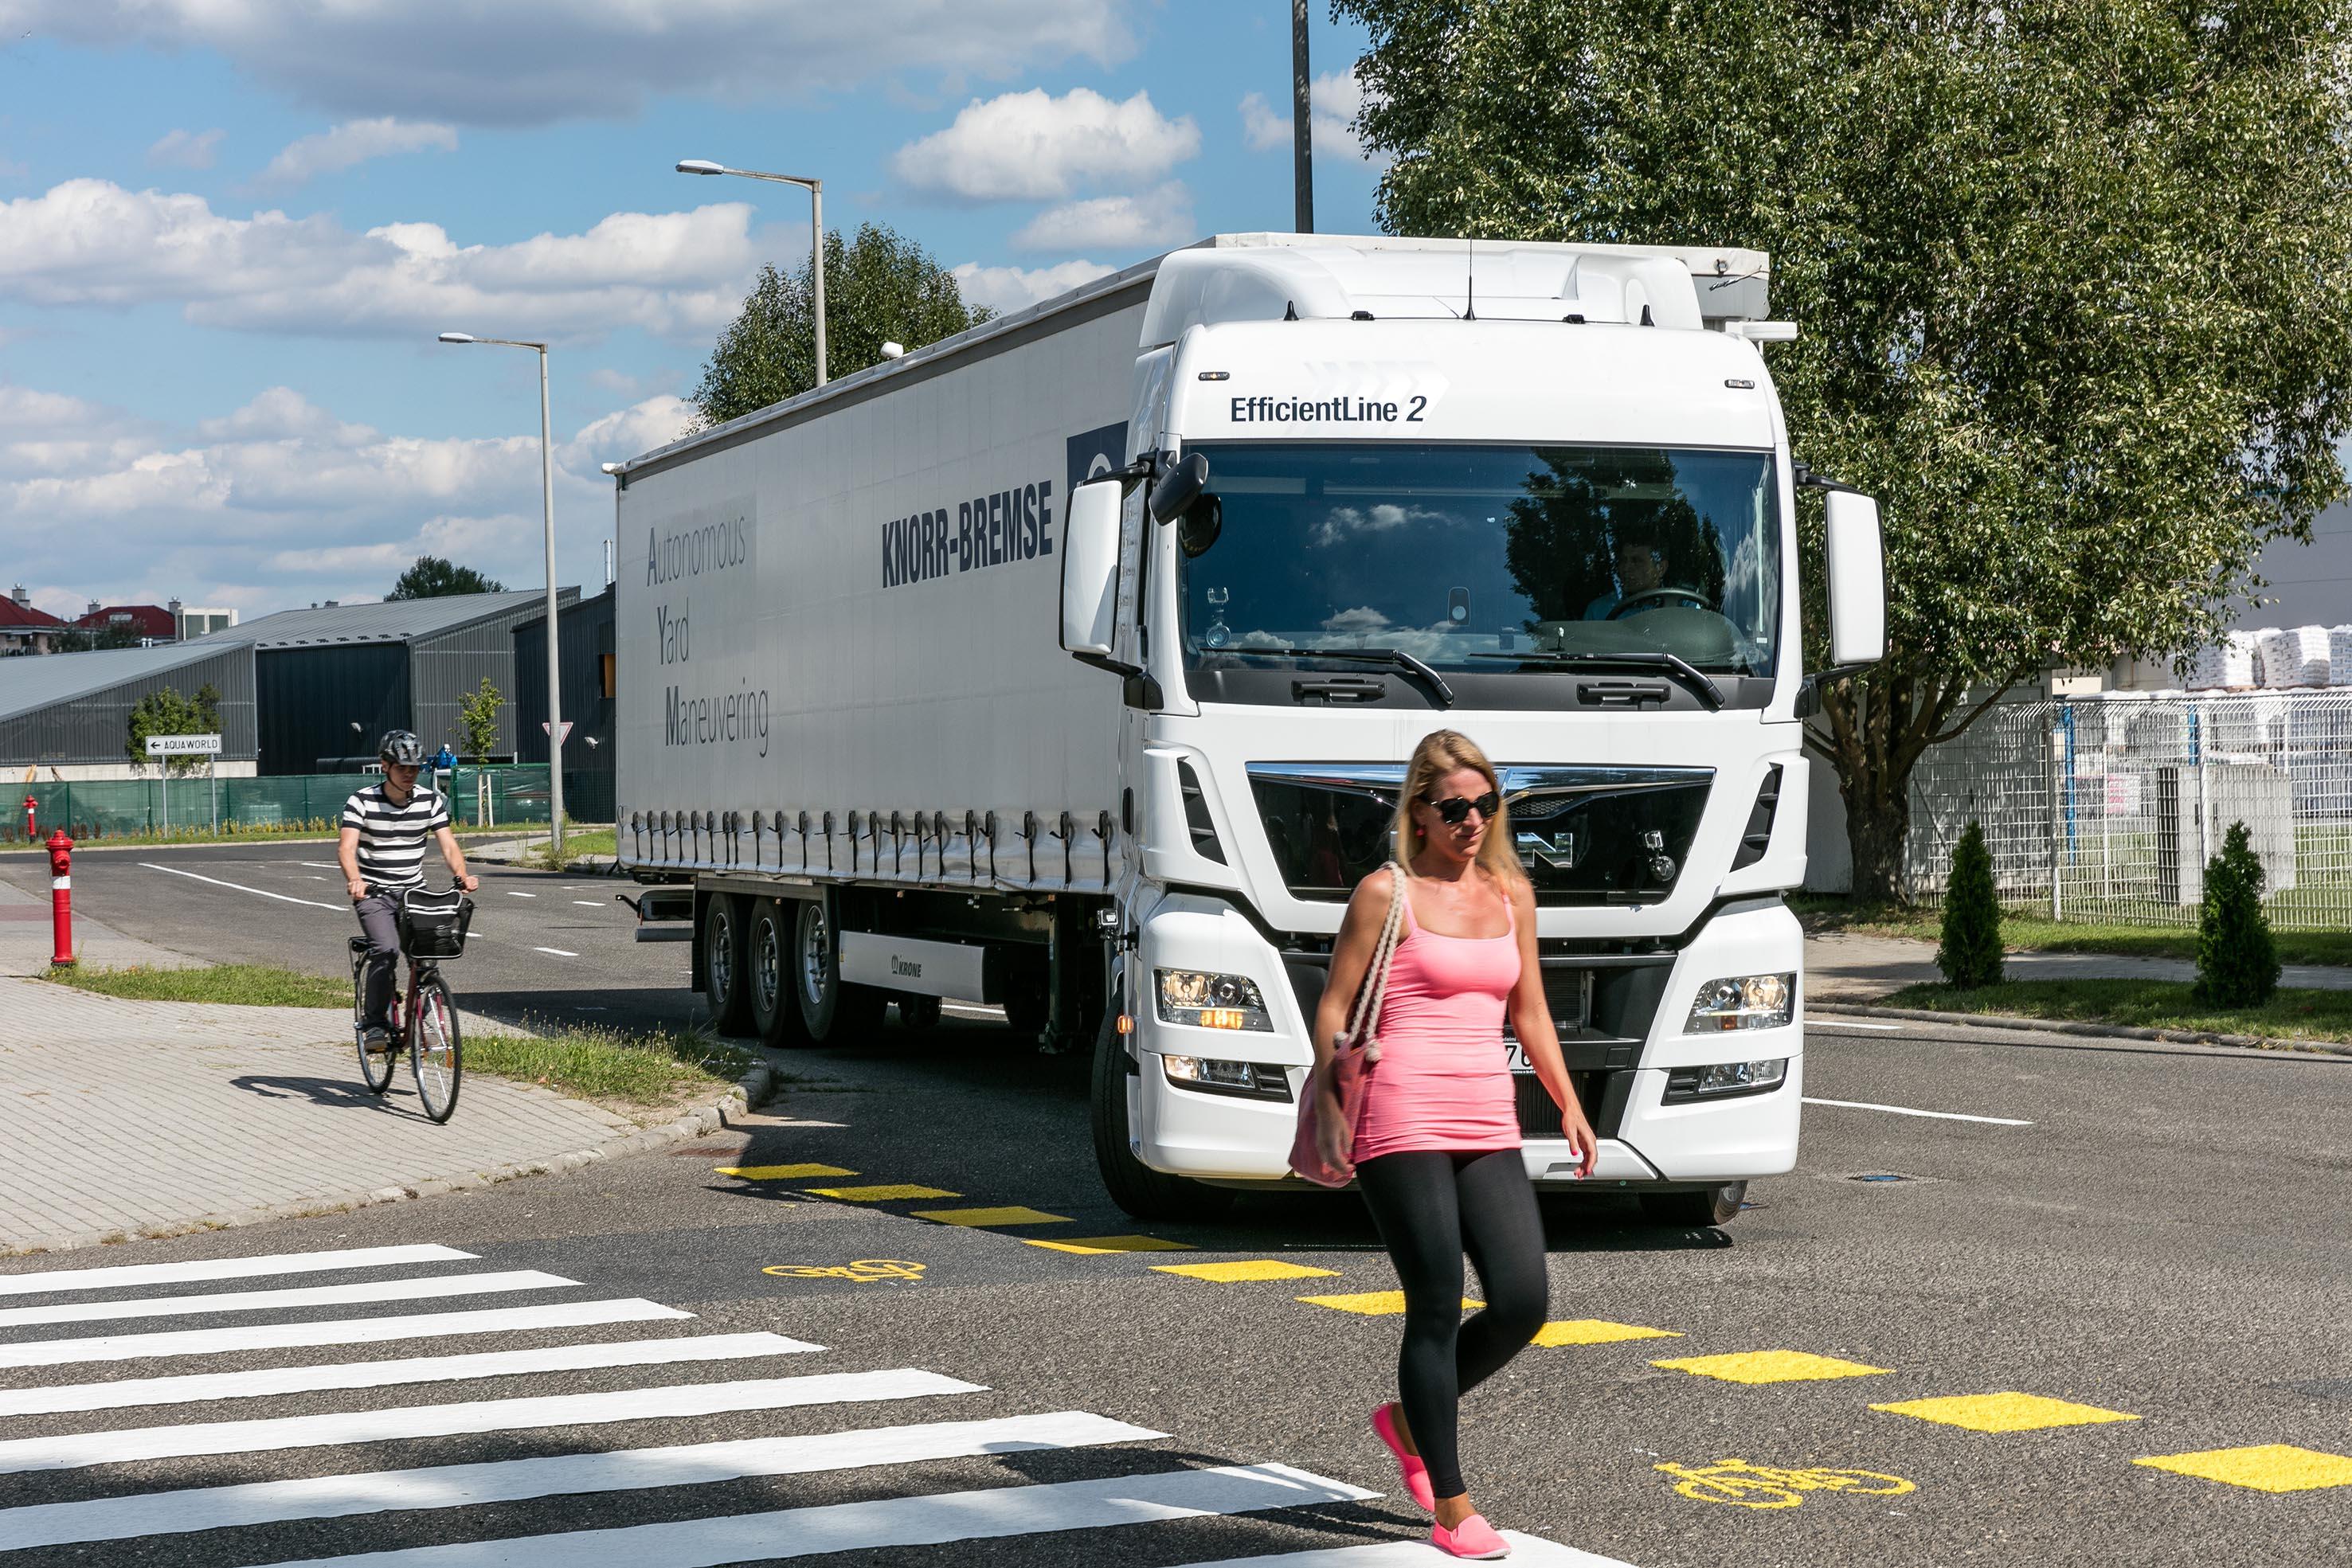 O nouă capitală europeană majoră impune o limită de viteză de 30 km/h pe majoritatea drumurilor